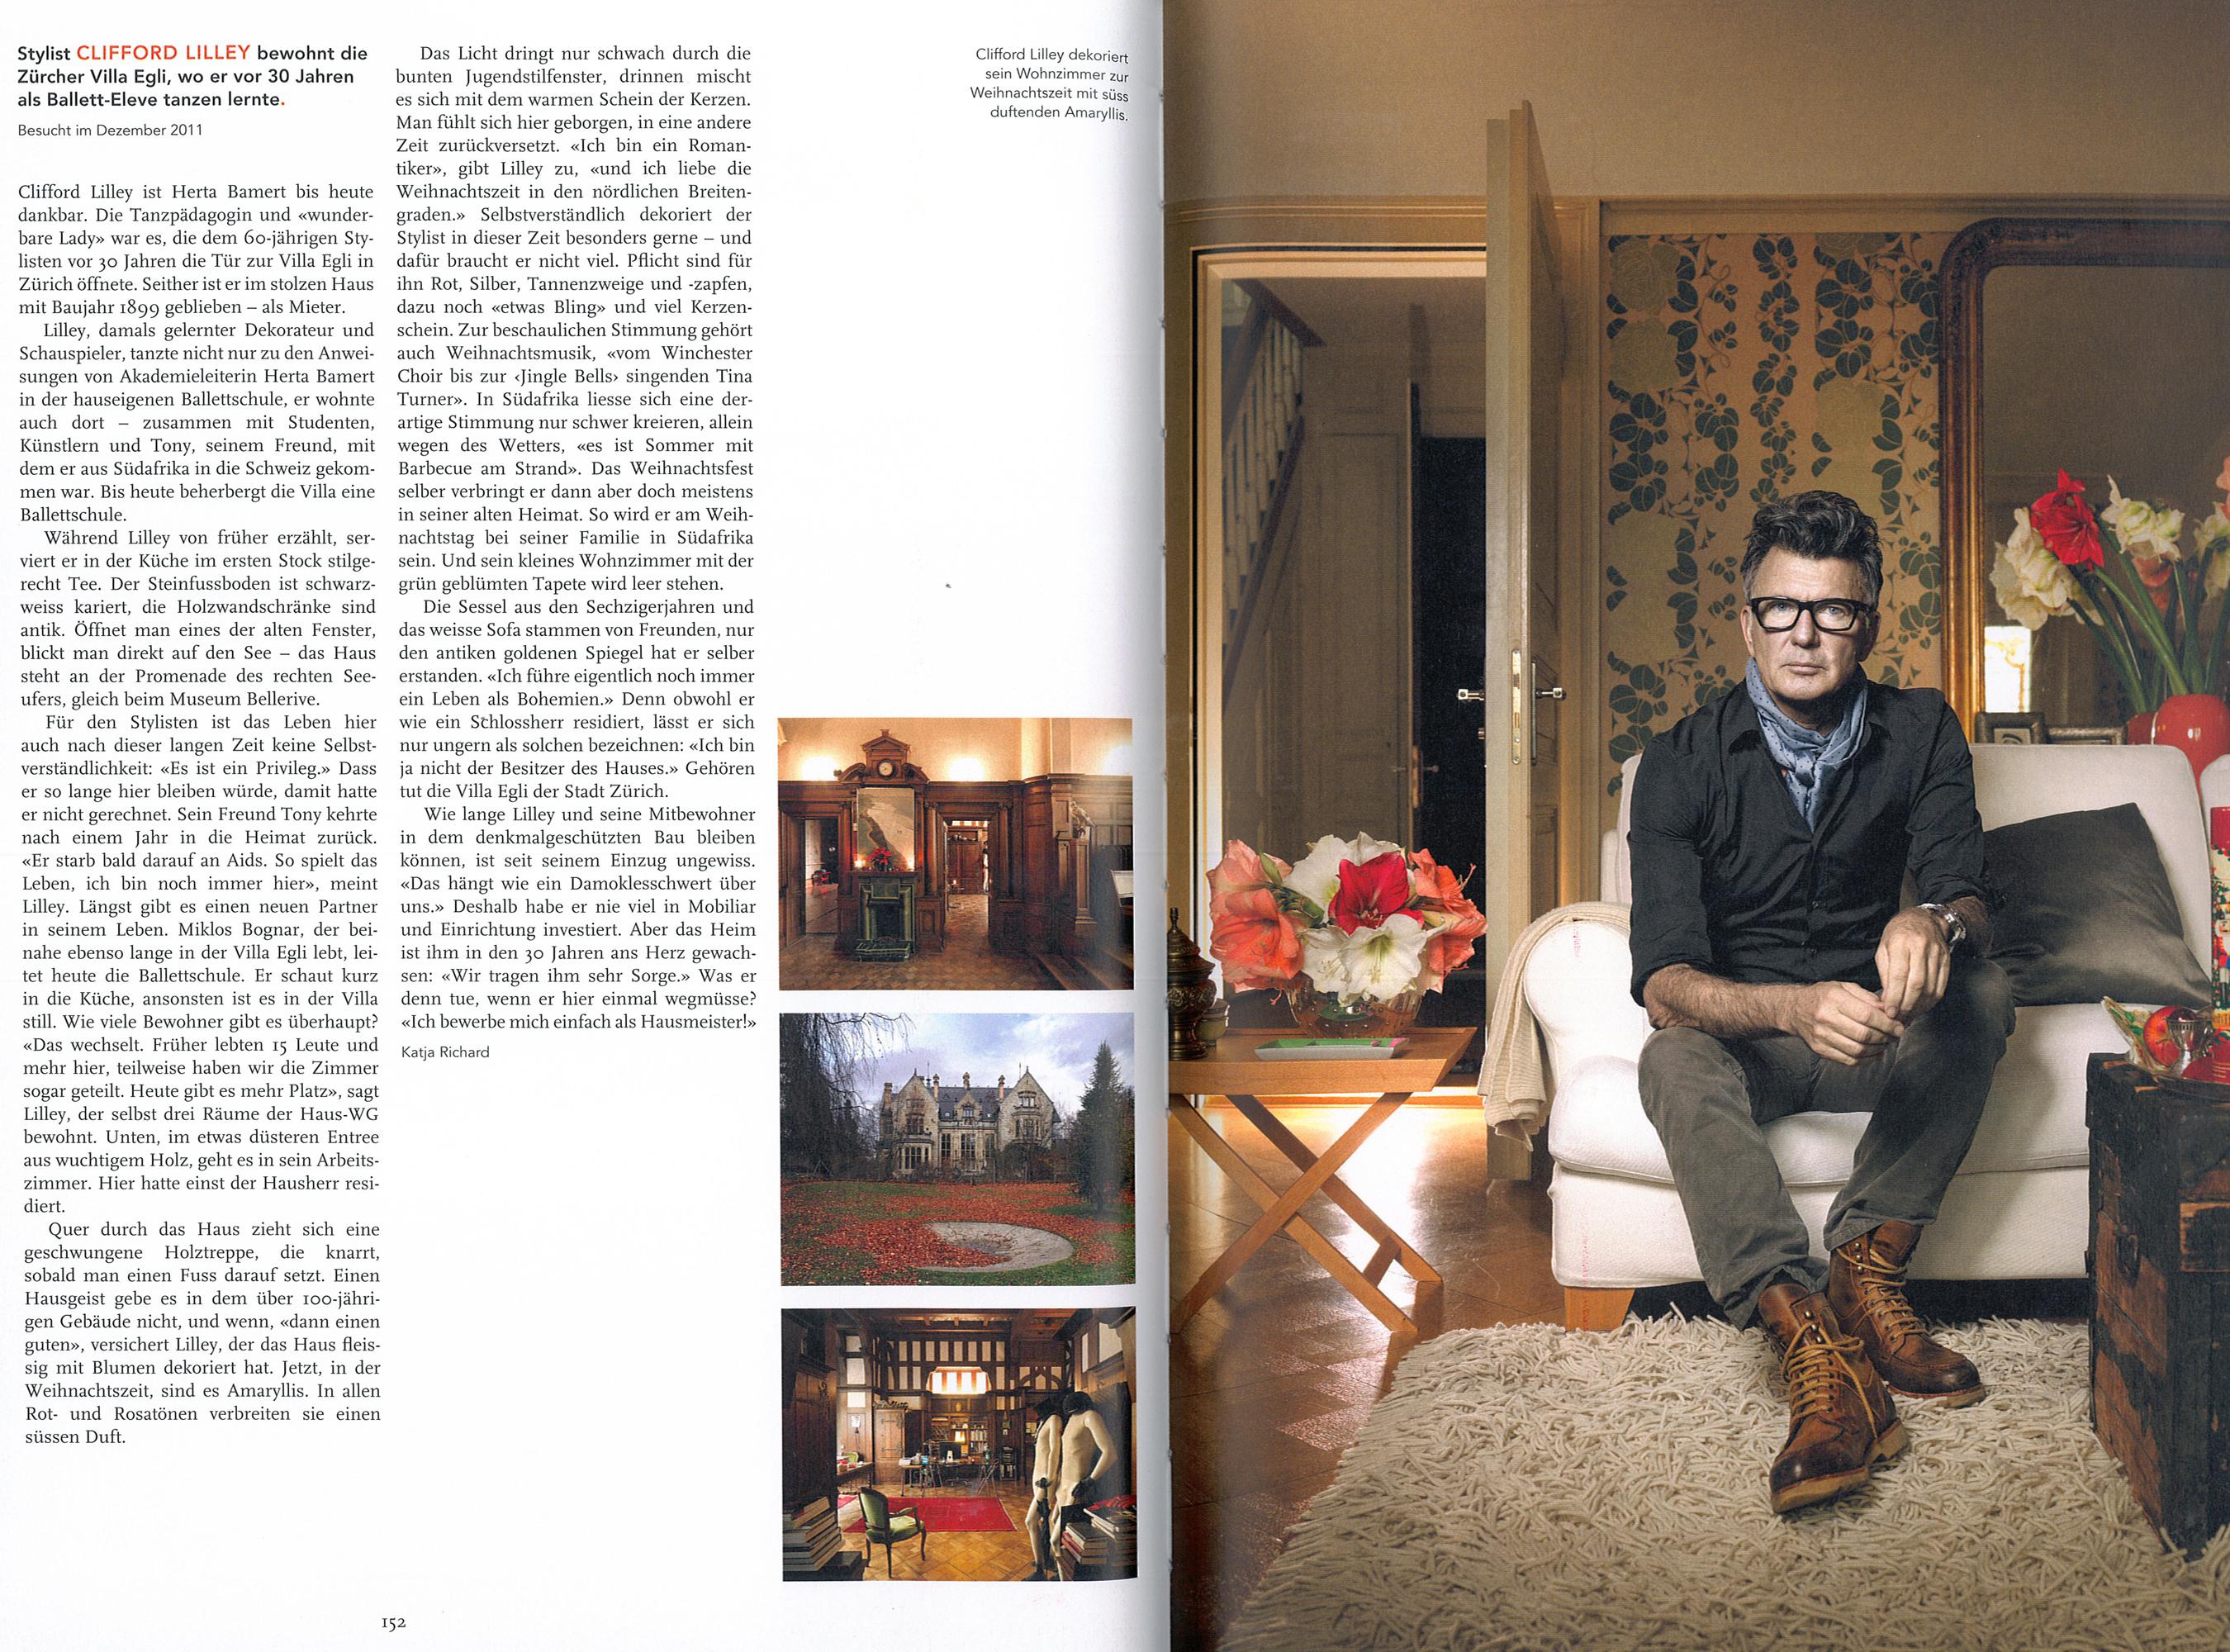 Das Buch zur Erfolgsreportage –daheim- der Zürcher Sonntagszeitung